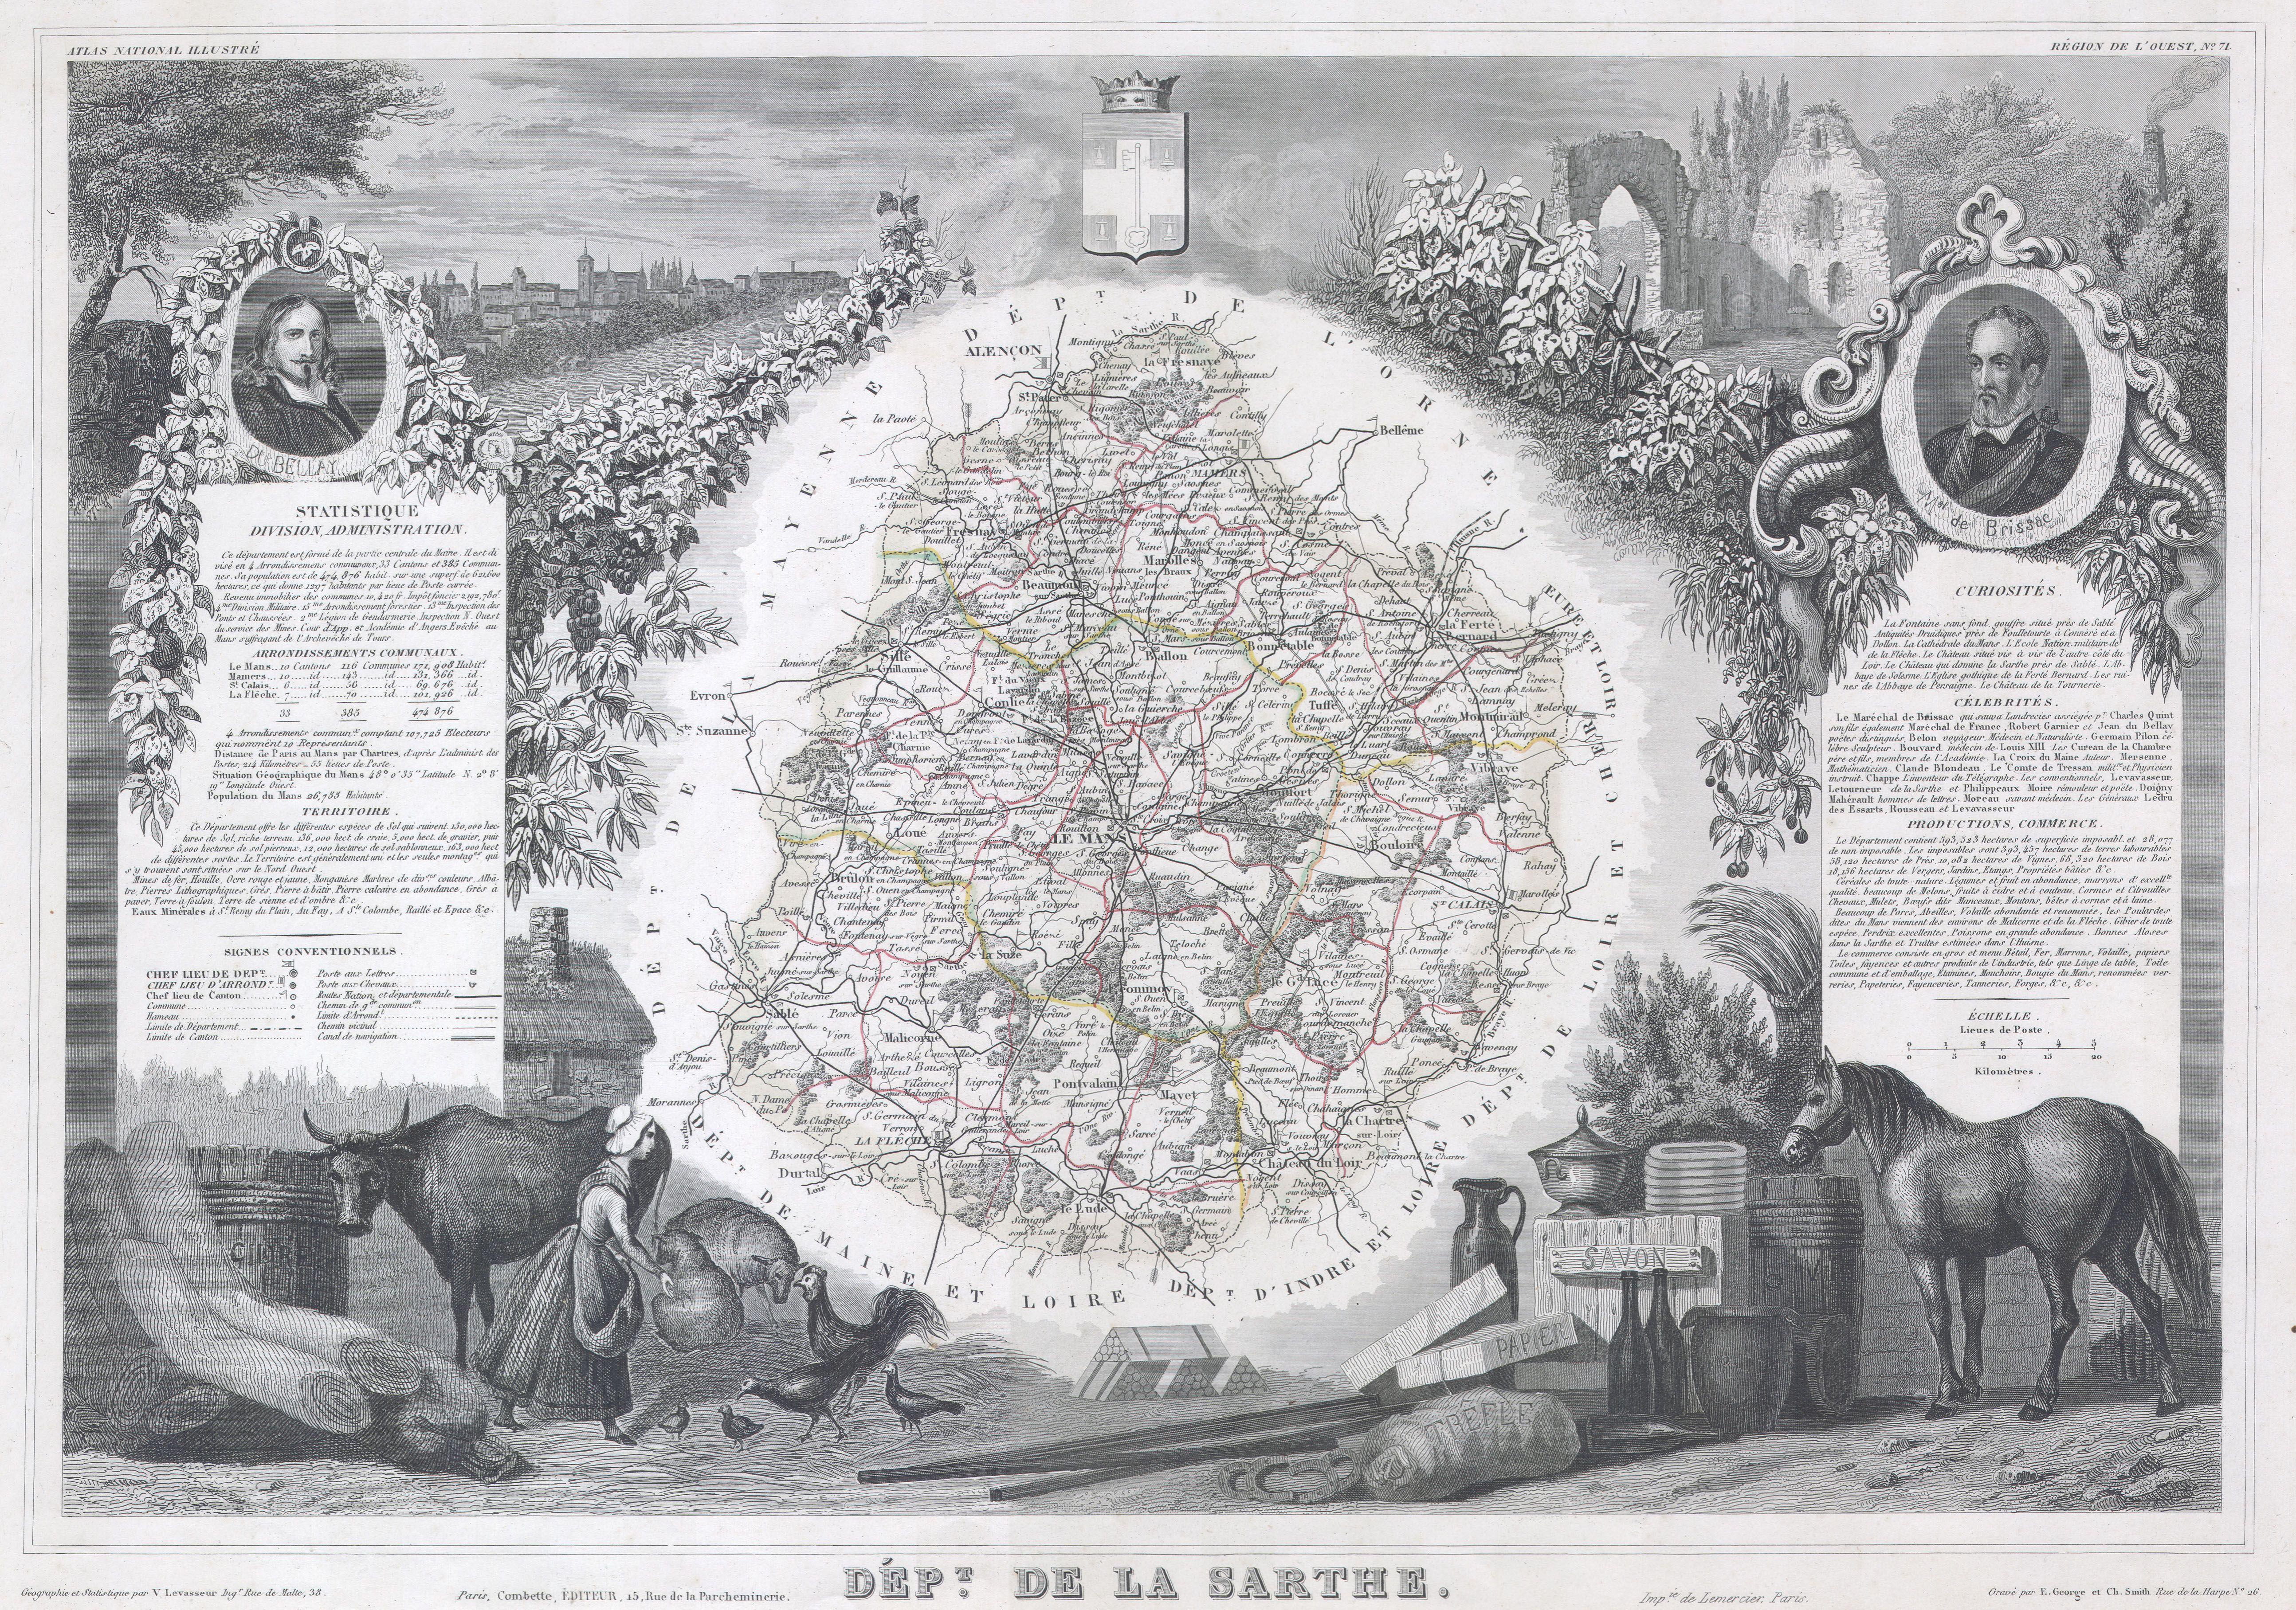 Cartes et plans - Département de la Sarthe - Vue 02 (Source Internet, Wikimedia Commons)